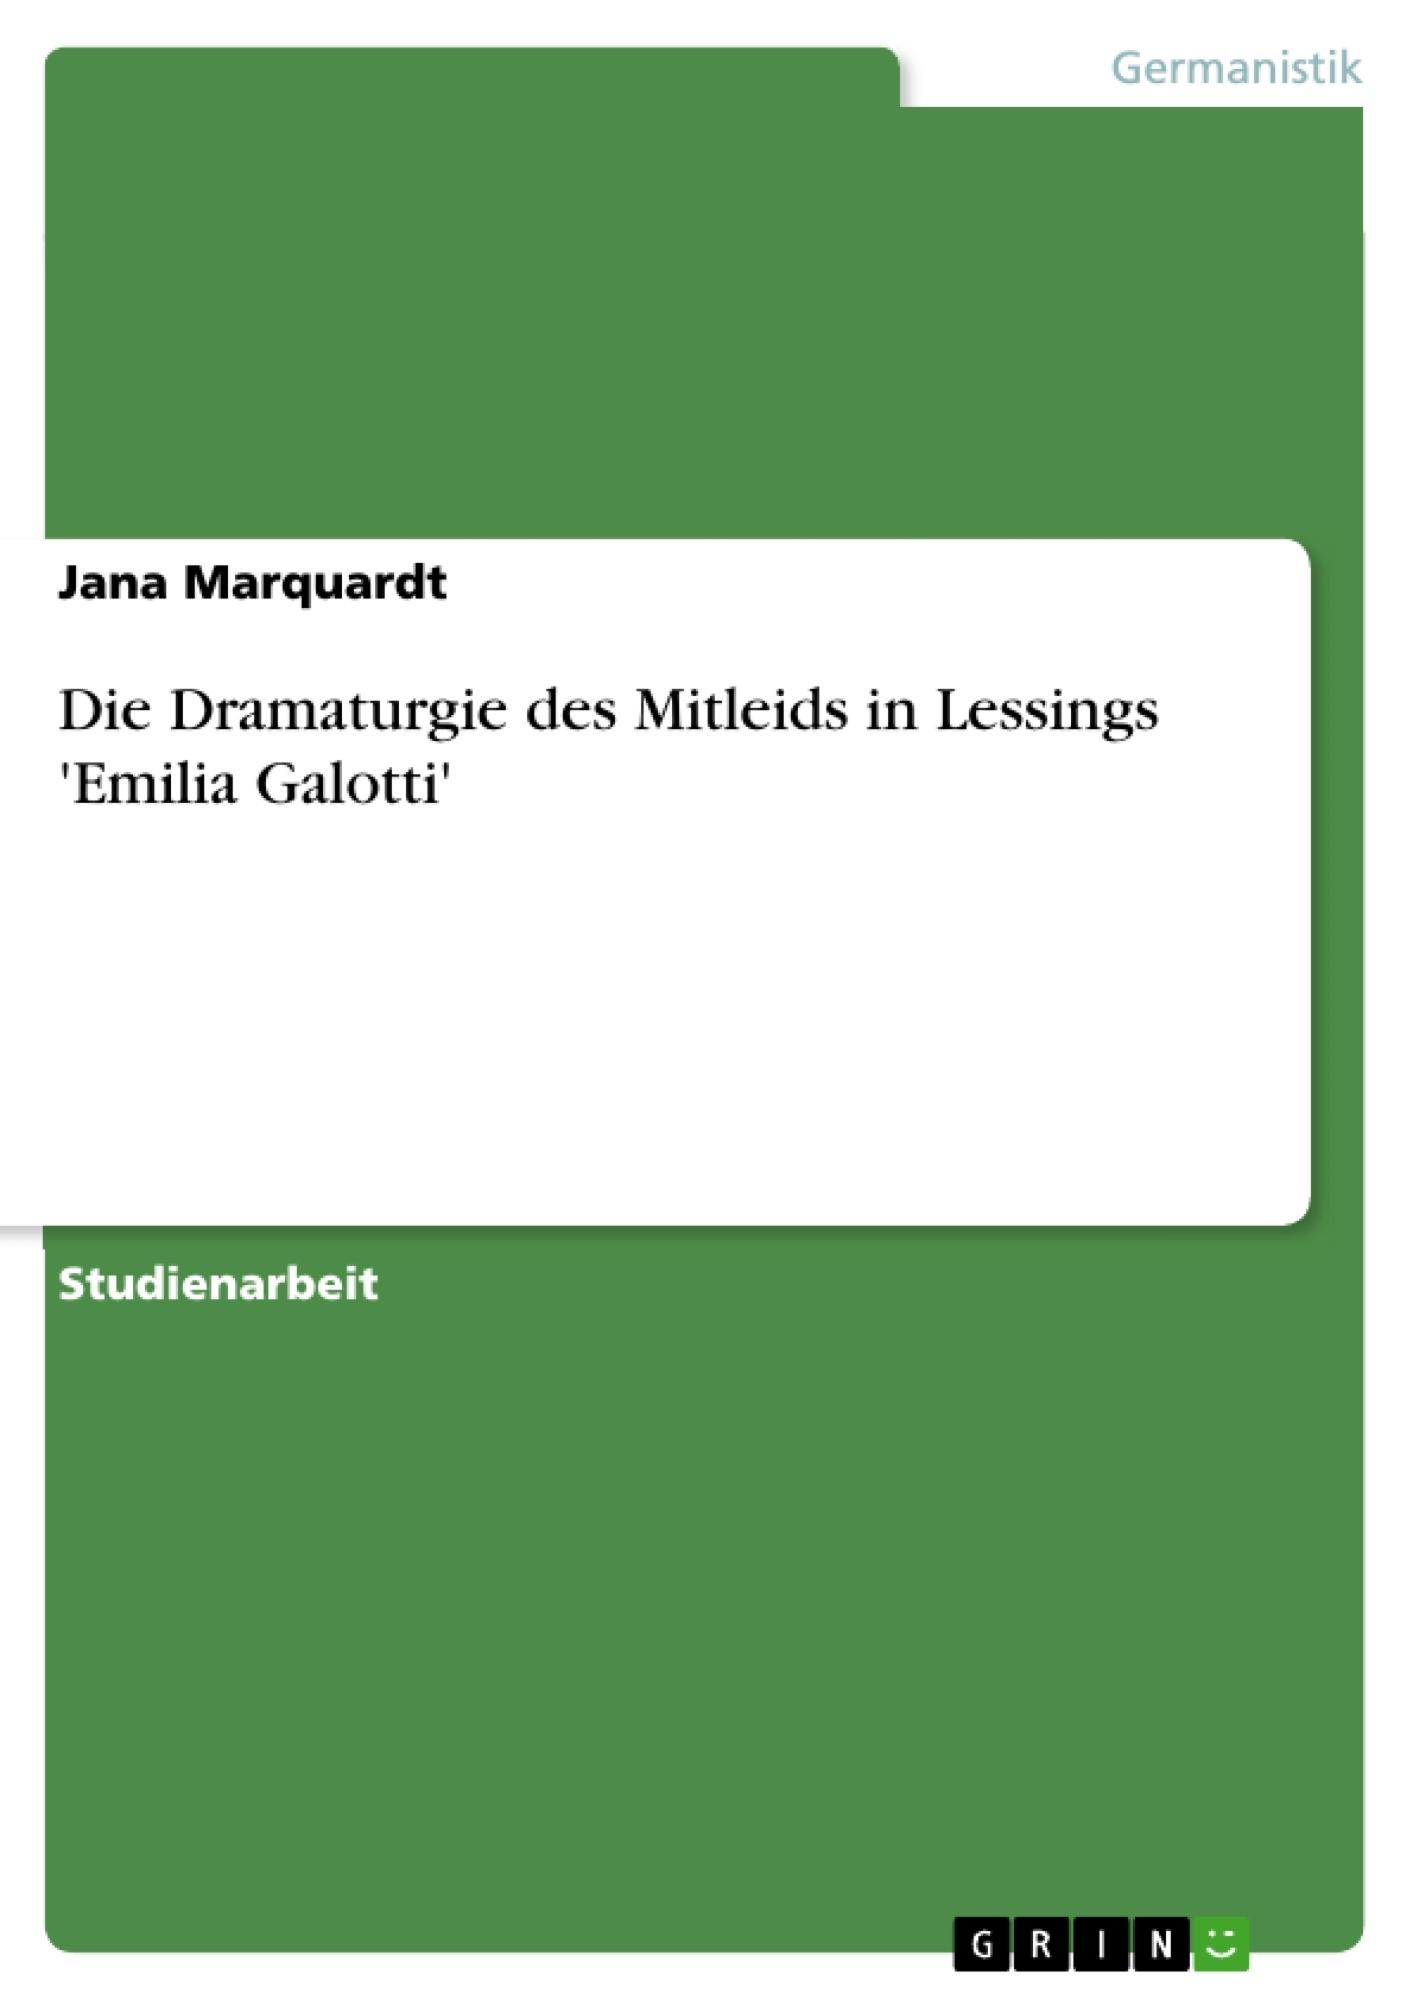 Titel: Die Dramaturgie des Mitleids in Lessings 'Emilia Galotti'